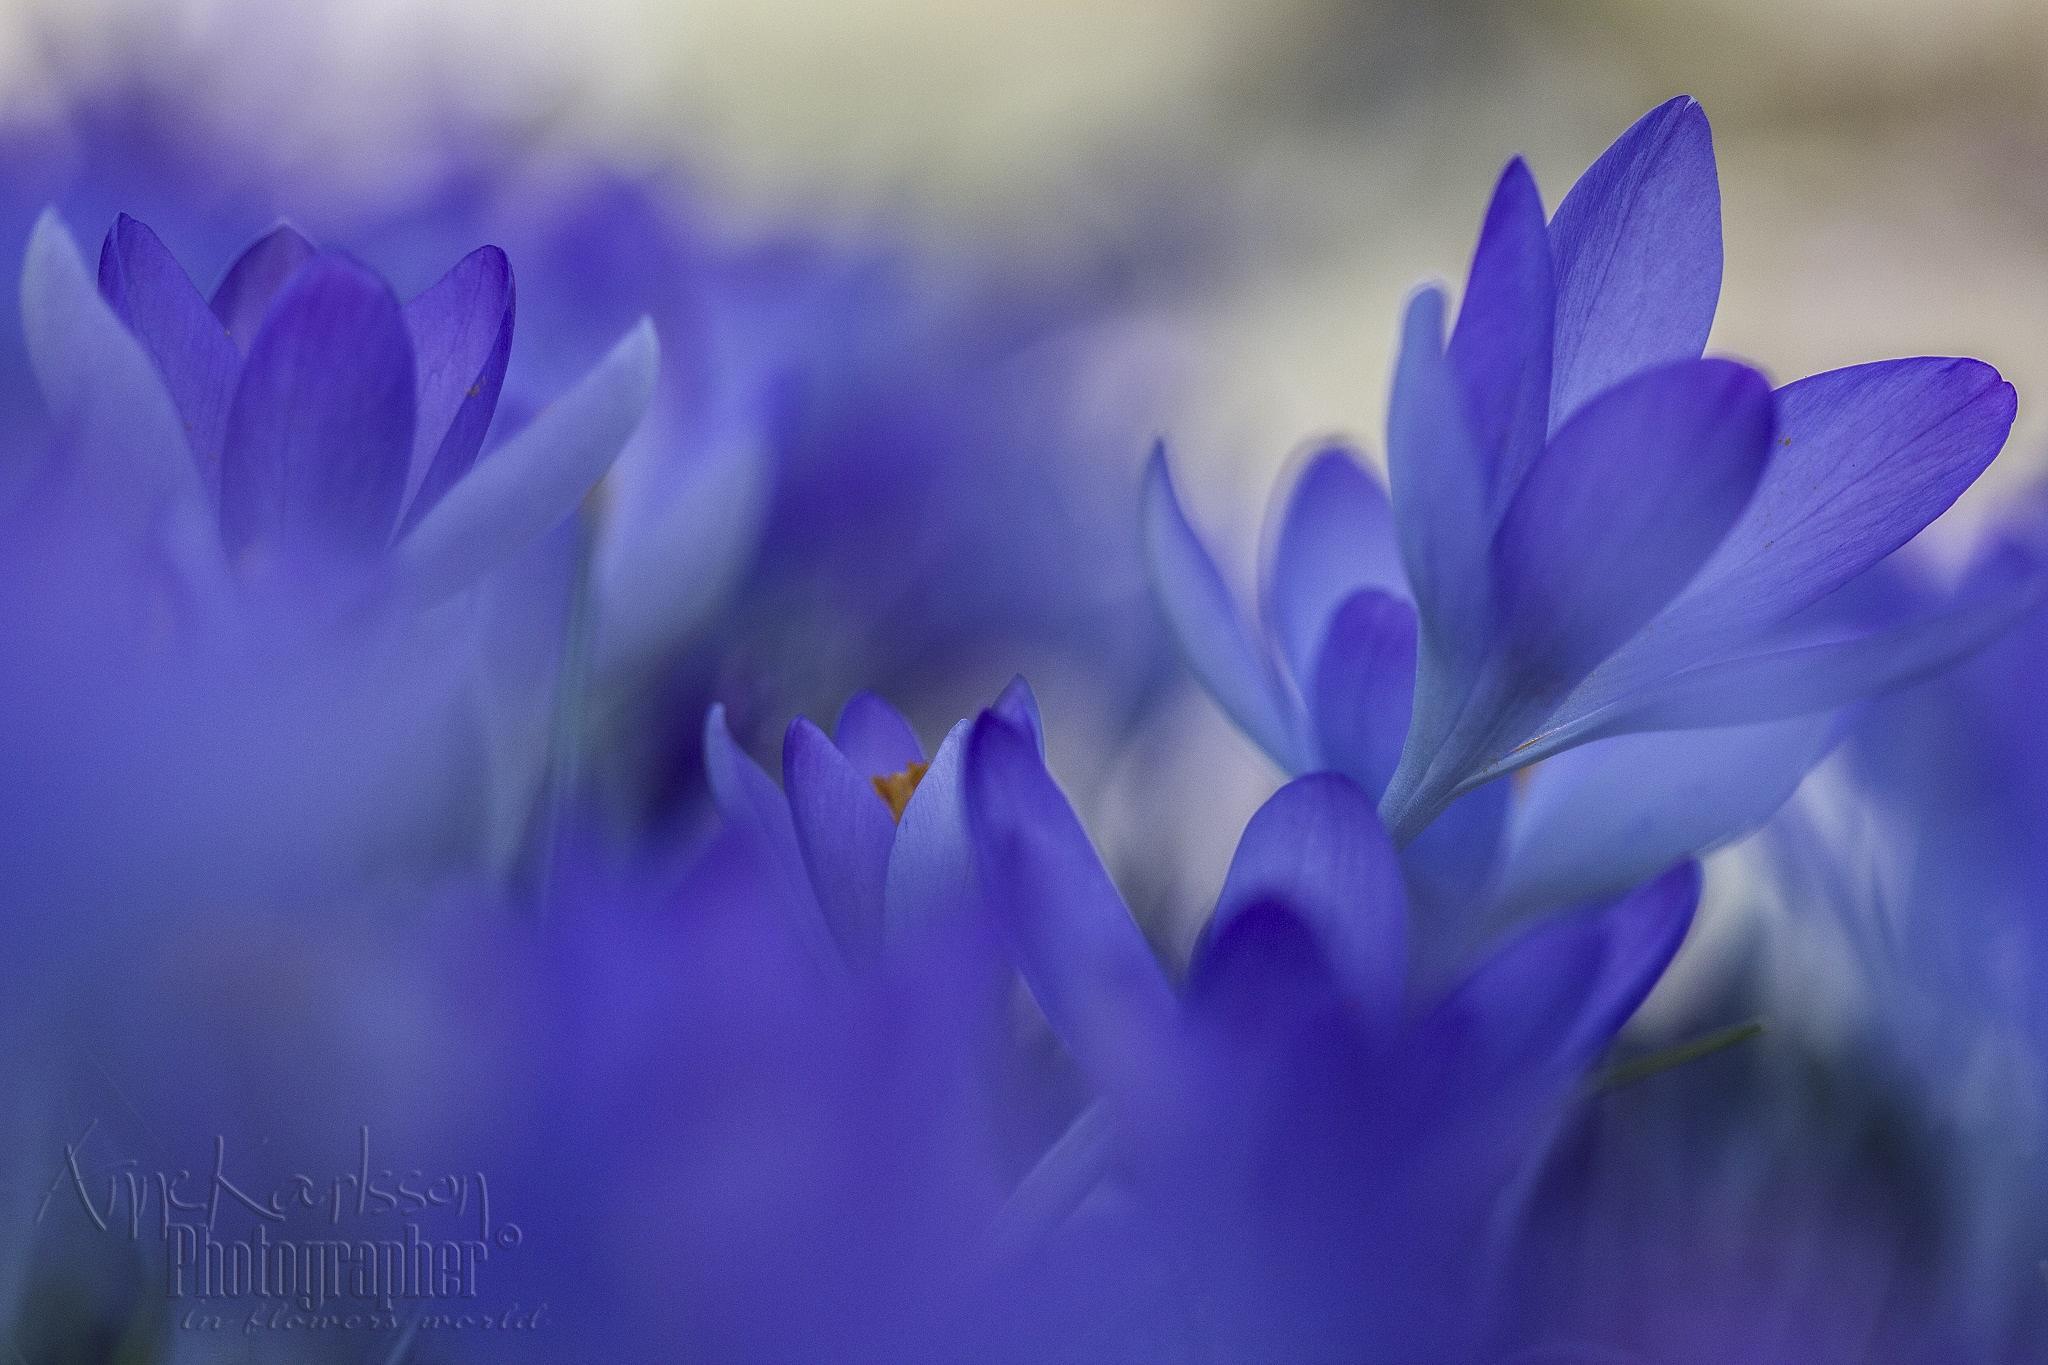 Purple shades by AnneKarlsson